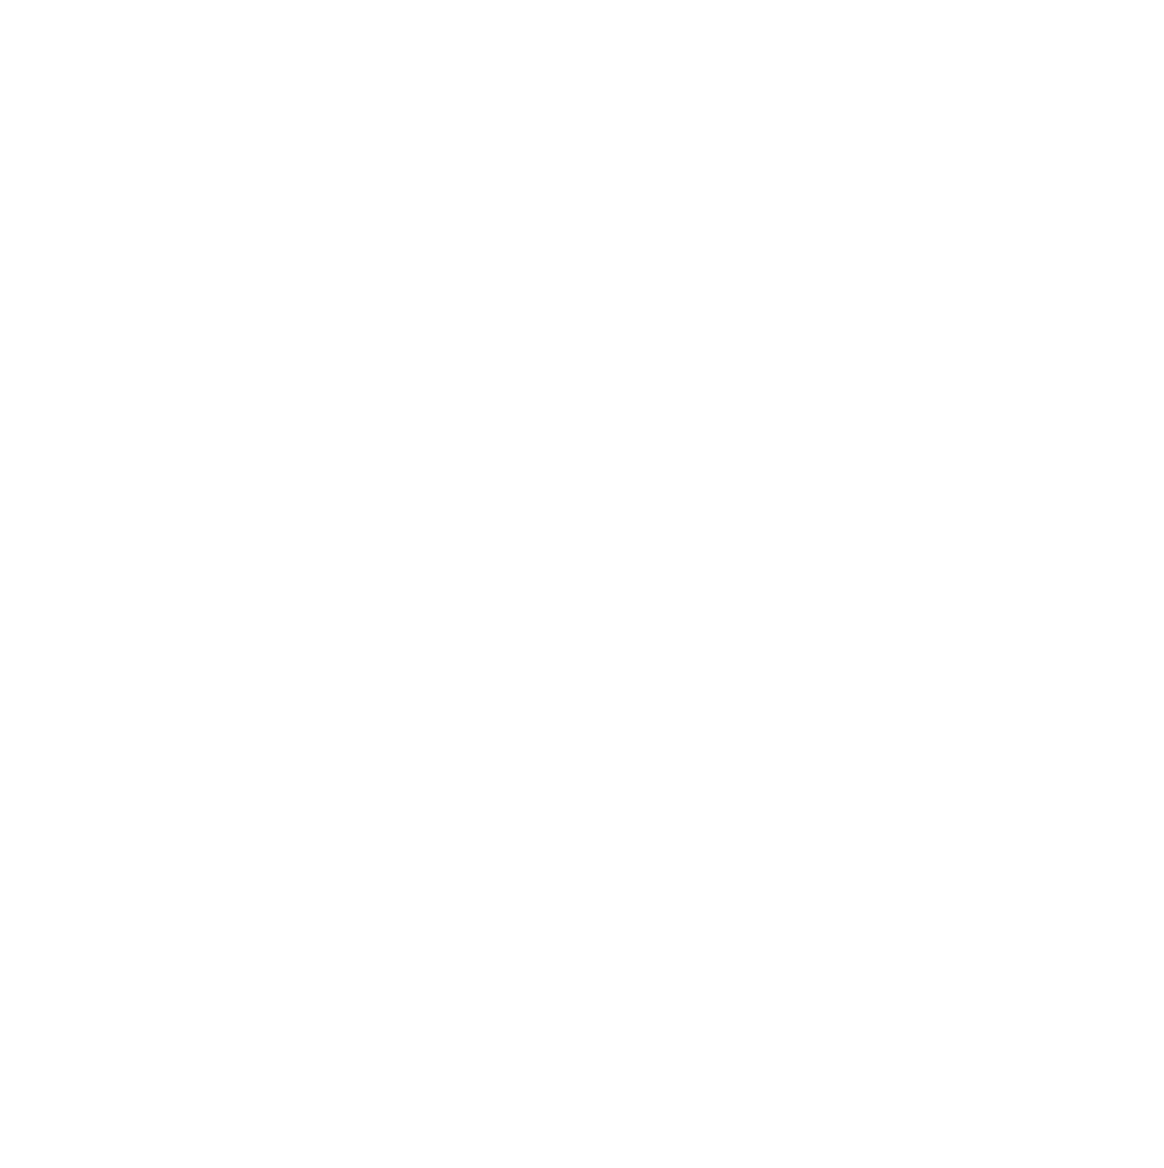 KING OLA (Gidilounge|NigerianDJs|ArsonistDJs)